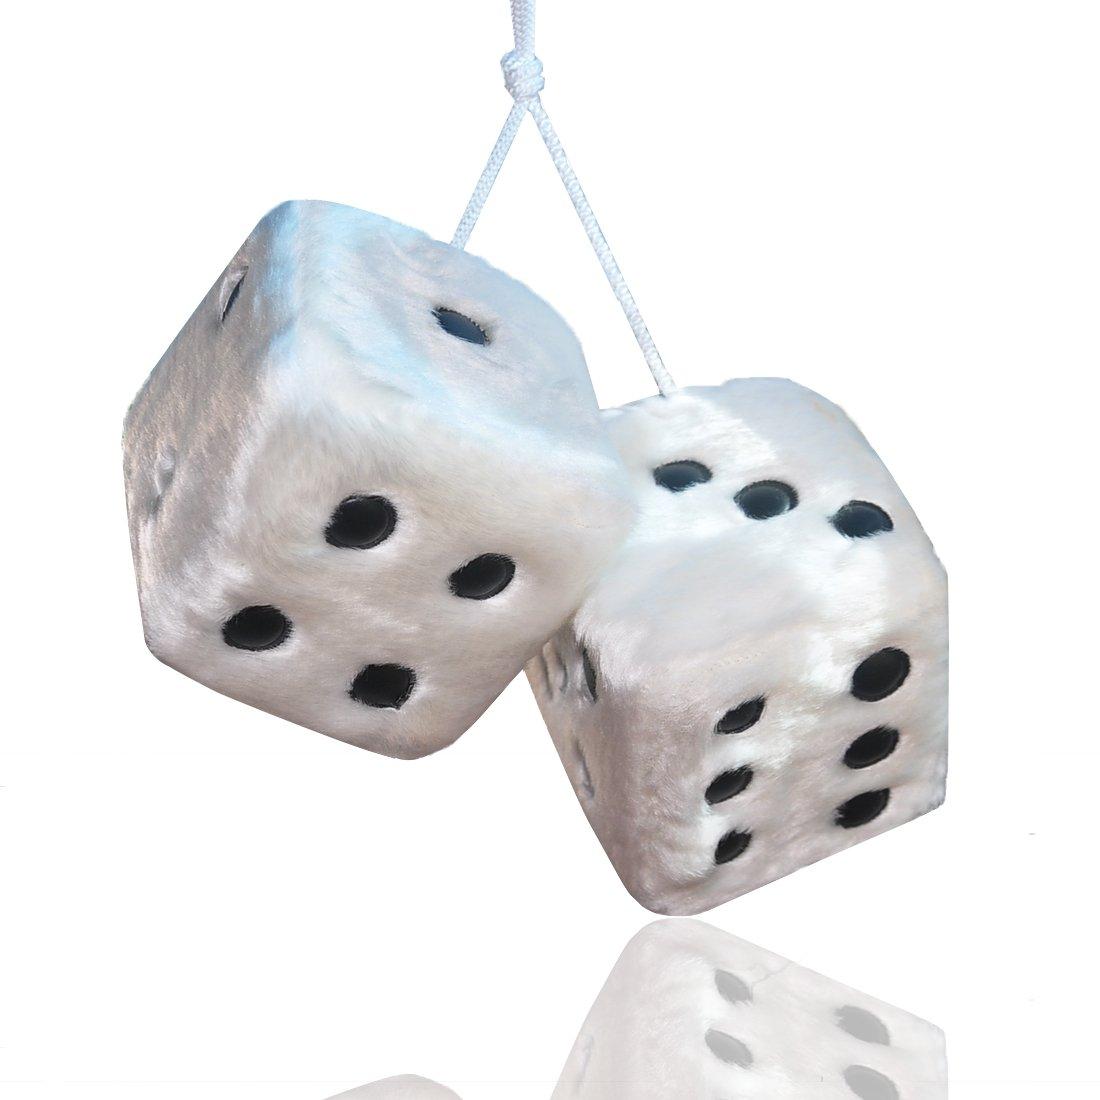 FineInno Cubo di Peluche Bianco per Auto, 7,5 x 7,5 x 7,5 cm, Stanza, Tavolo, Parete, Frigorifero,Borsa, Ecc. (nero)